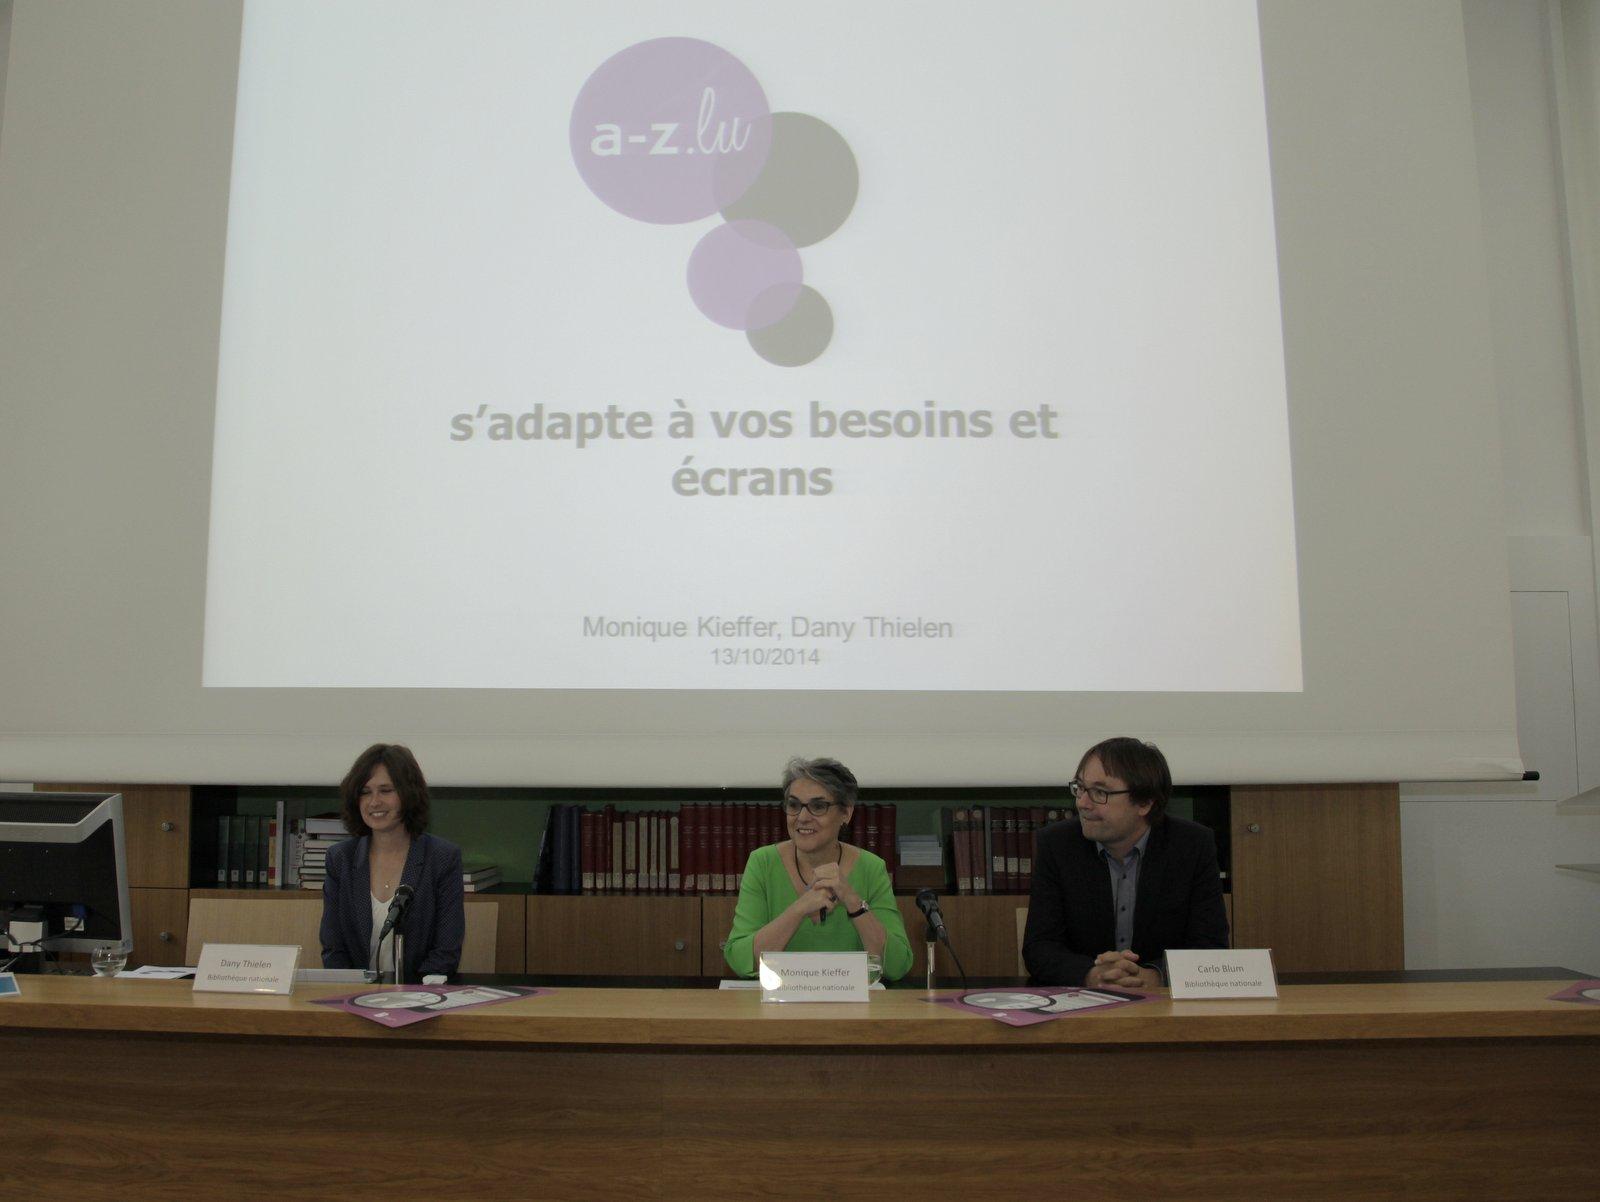 Photo de la conférence de presse du 13/10/2014